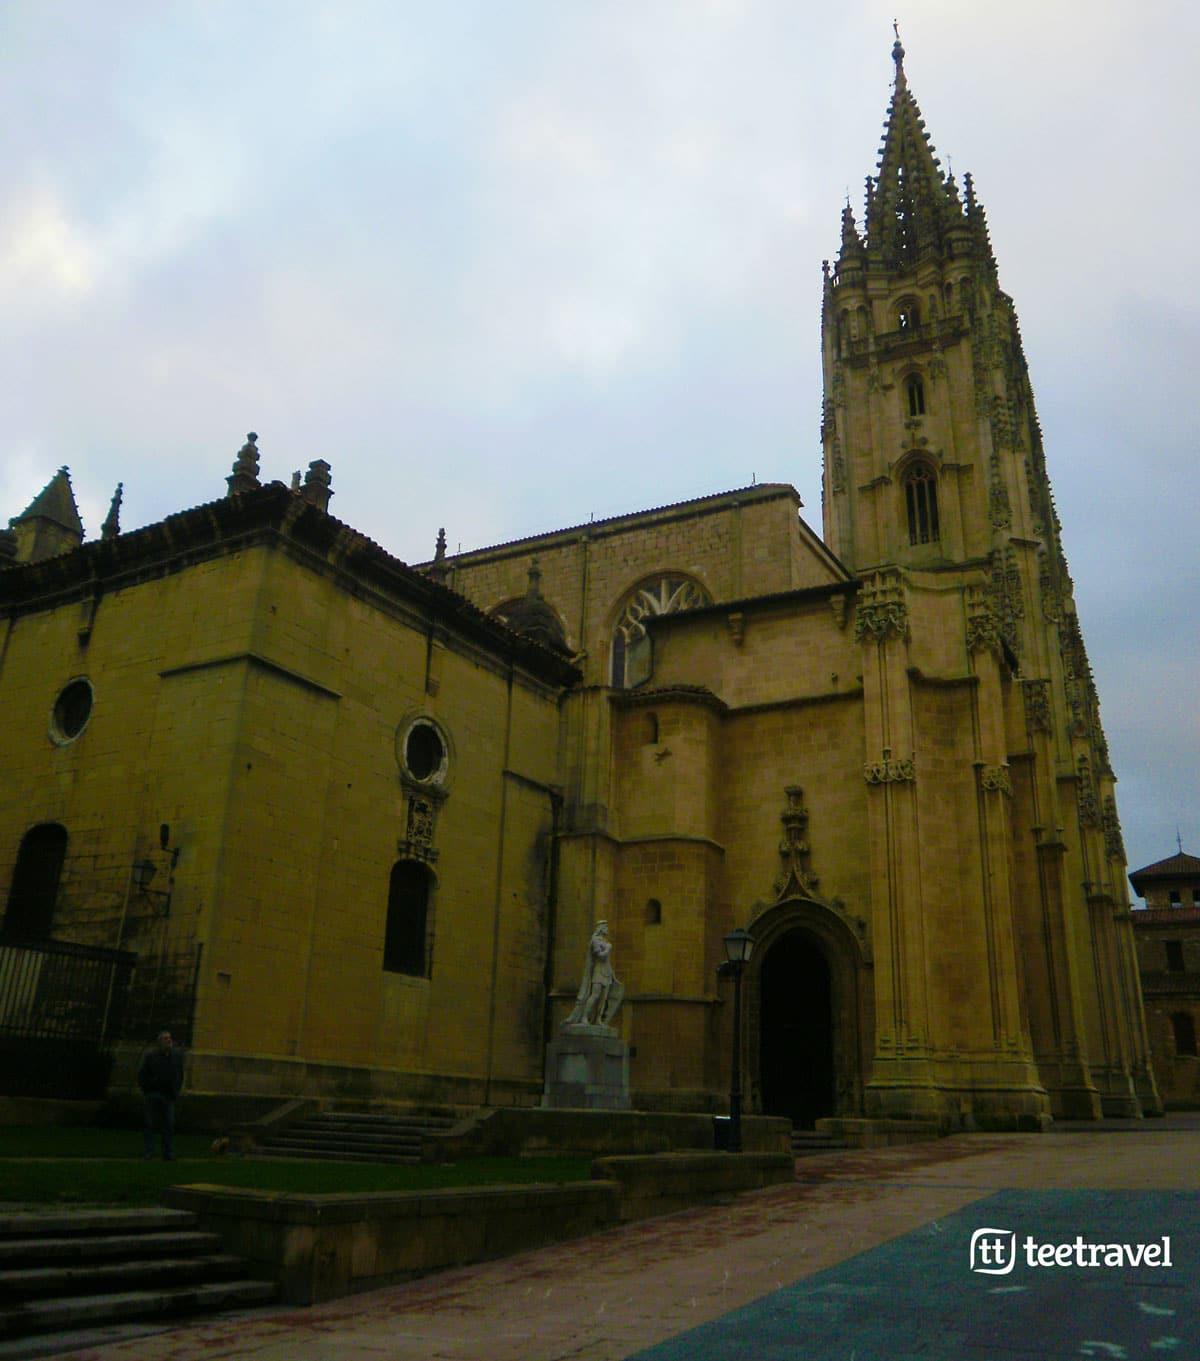 Camino Primitivo - Santa Iglesia Basílica Catedral Metropolitana de San Salvador de Oviedo